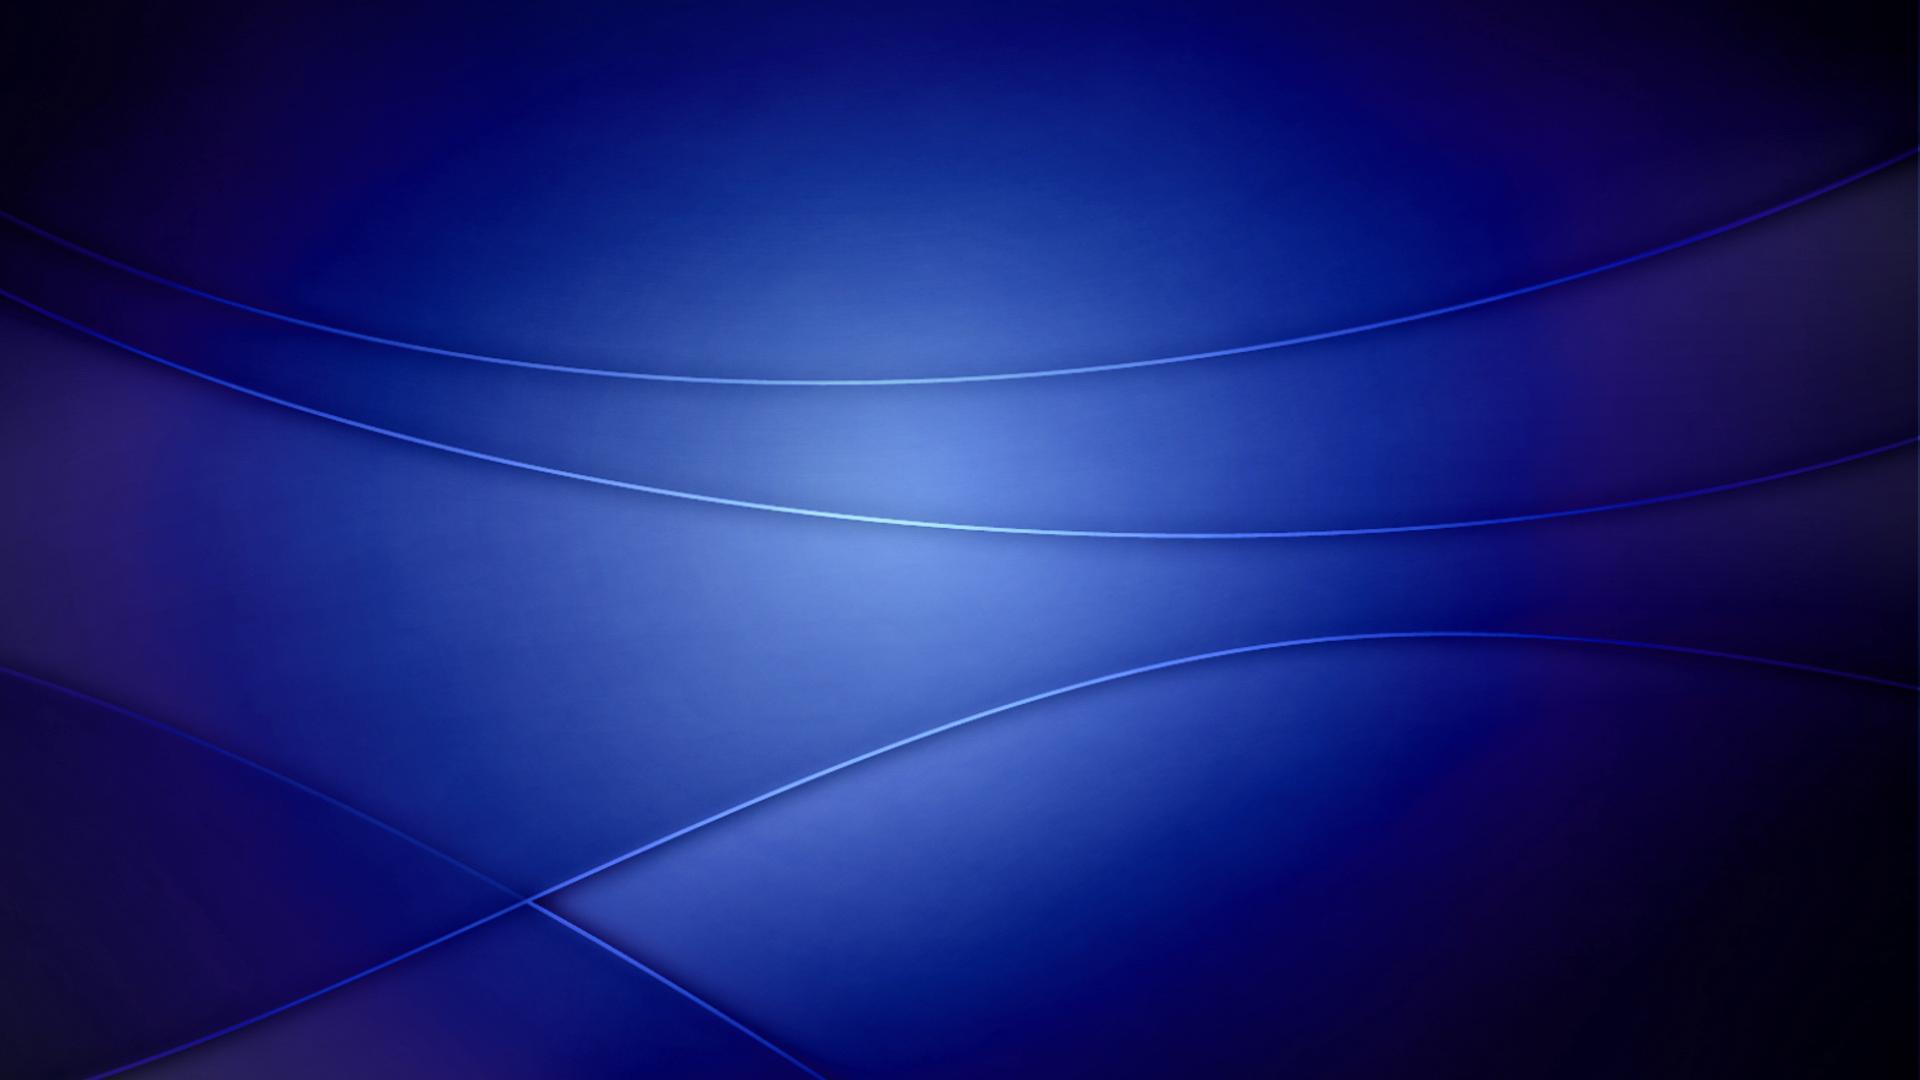 Deep Blue Background wallpaper   856344 1920x1080